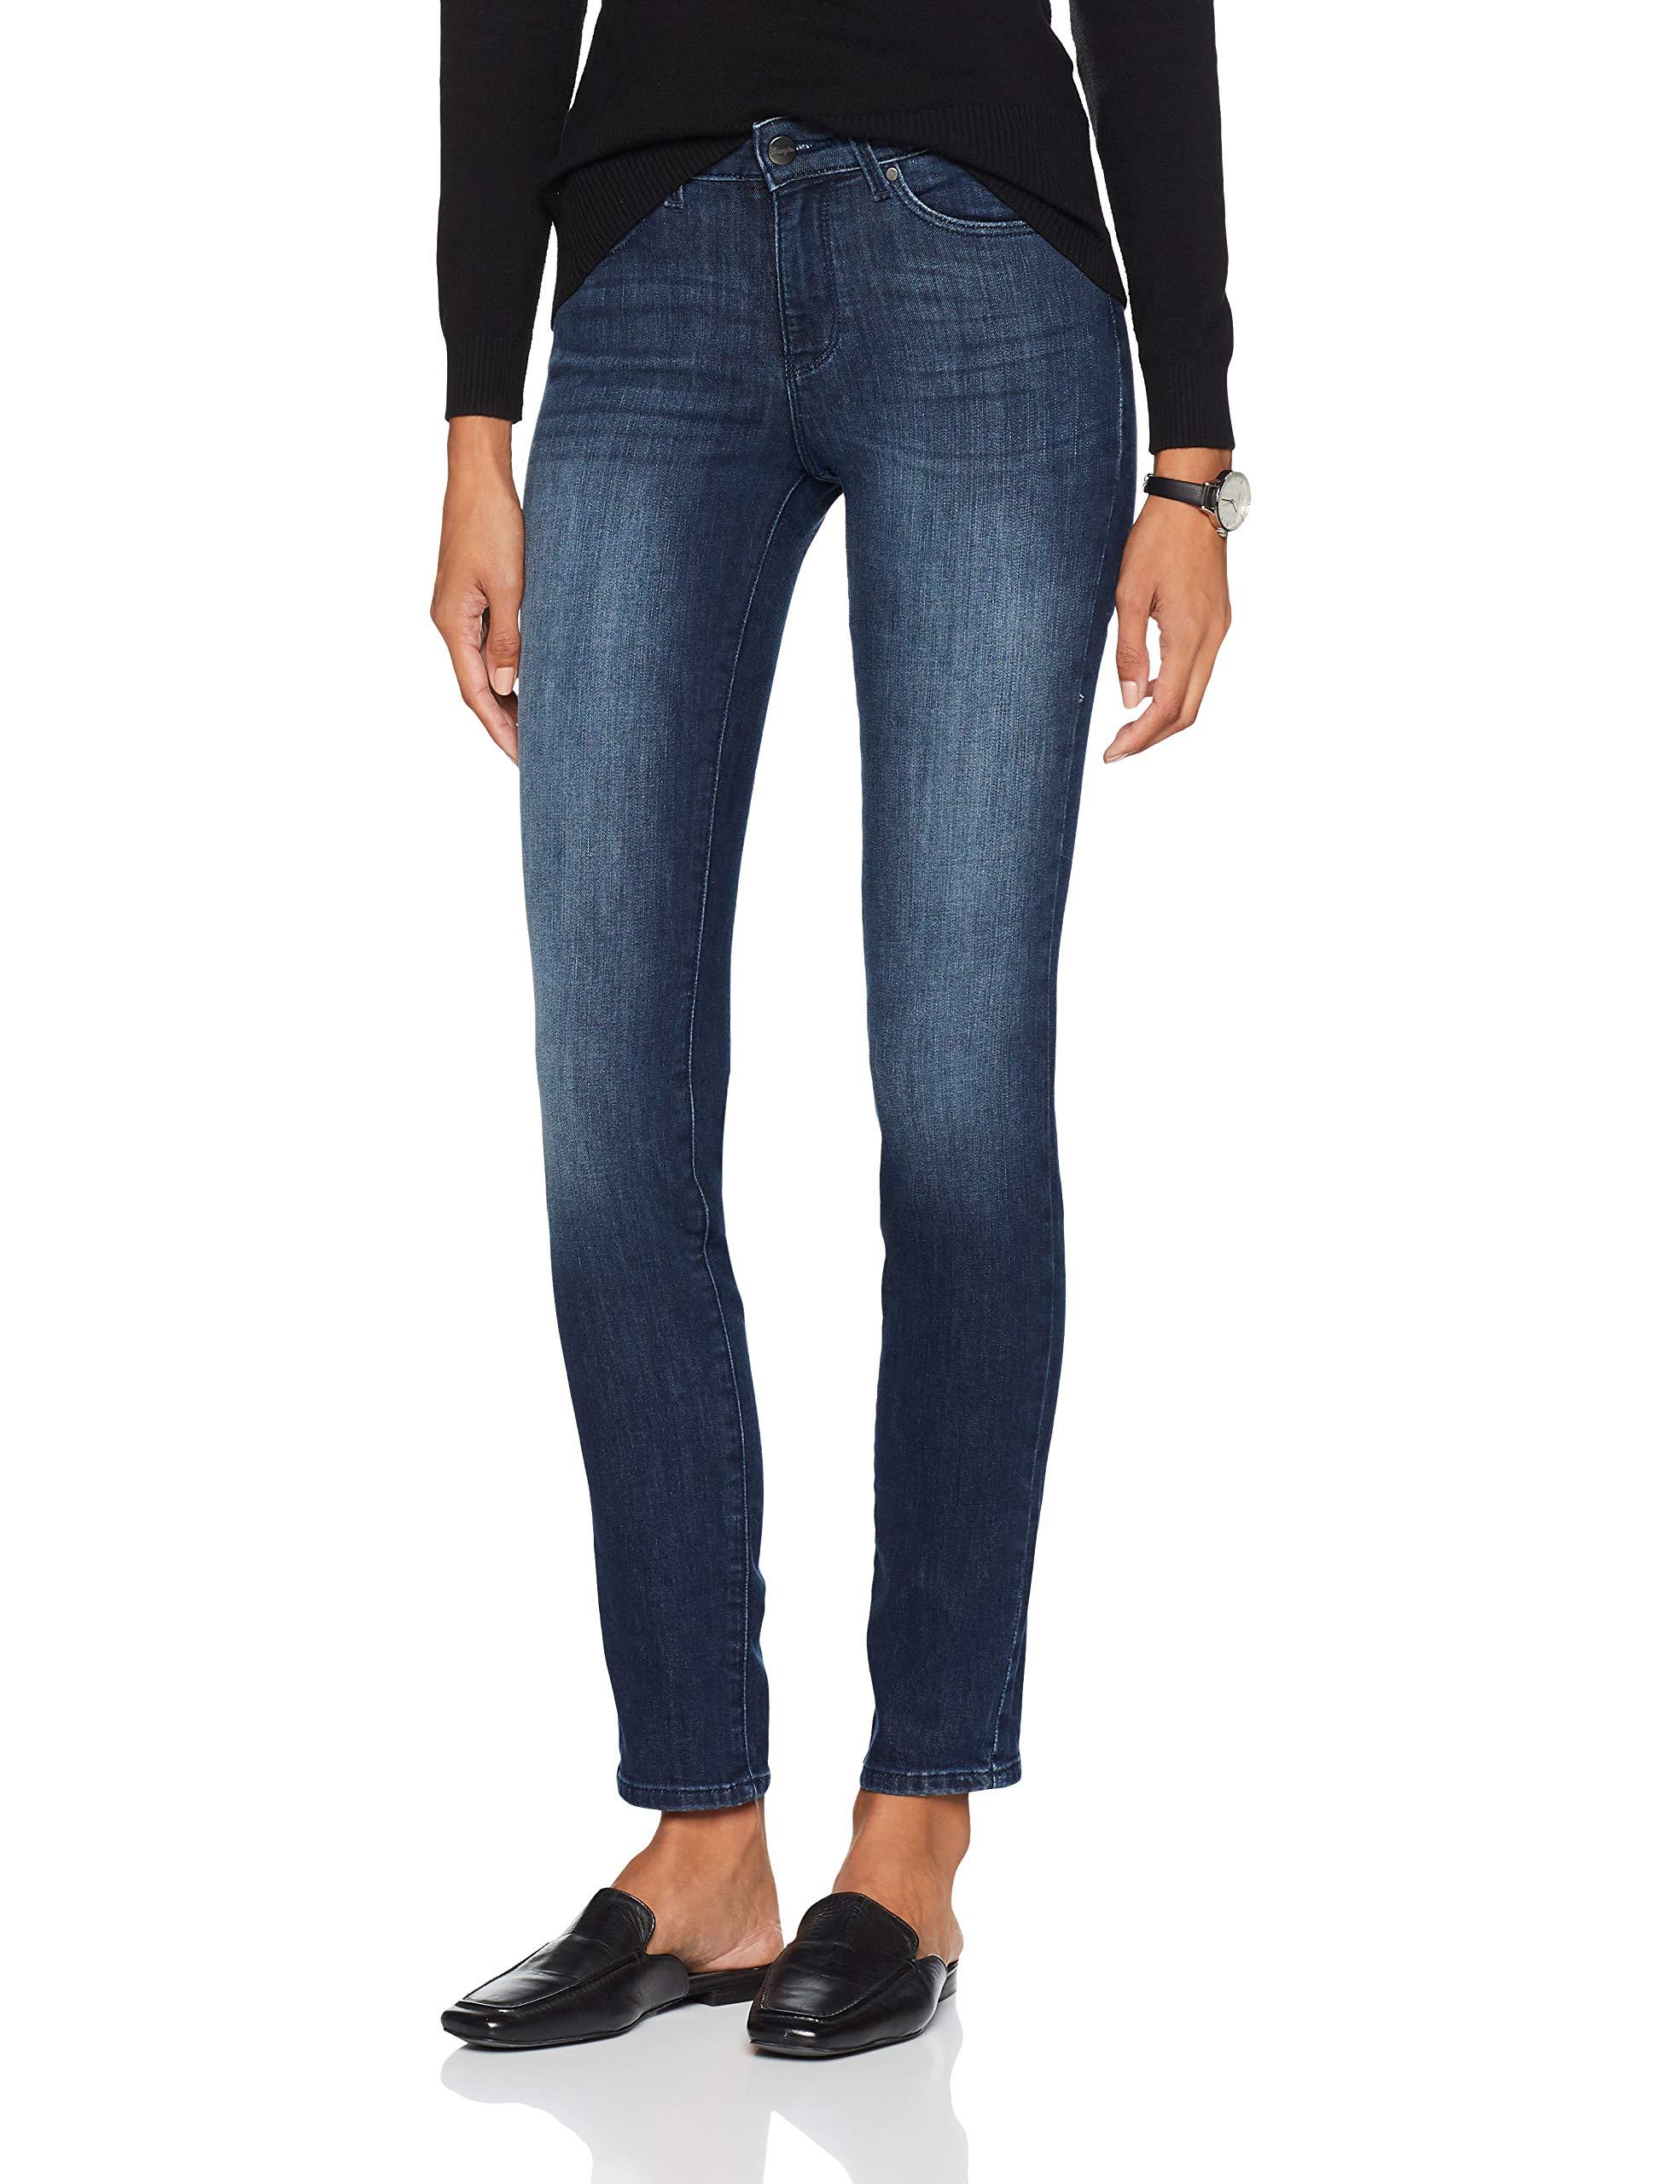 Wrangler Slim' Blue JeansBleutingy Femme 32p33w32l FJ3K1Tlc